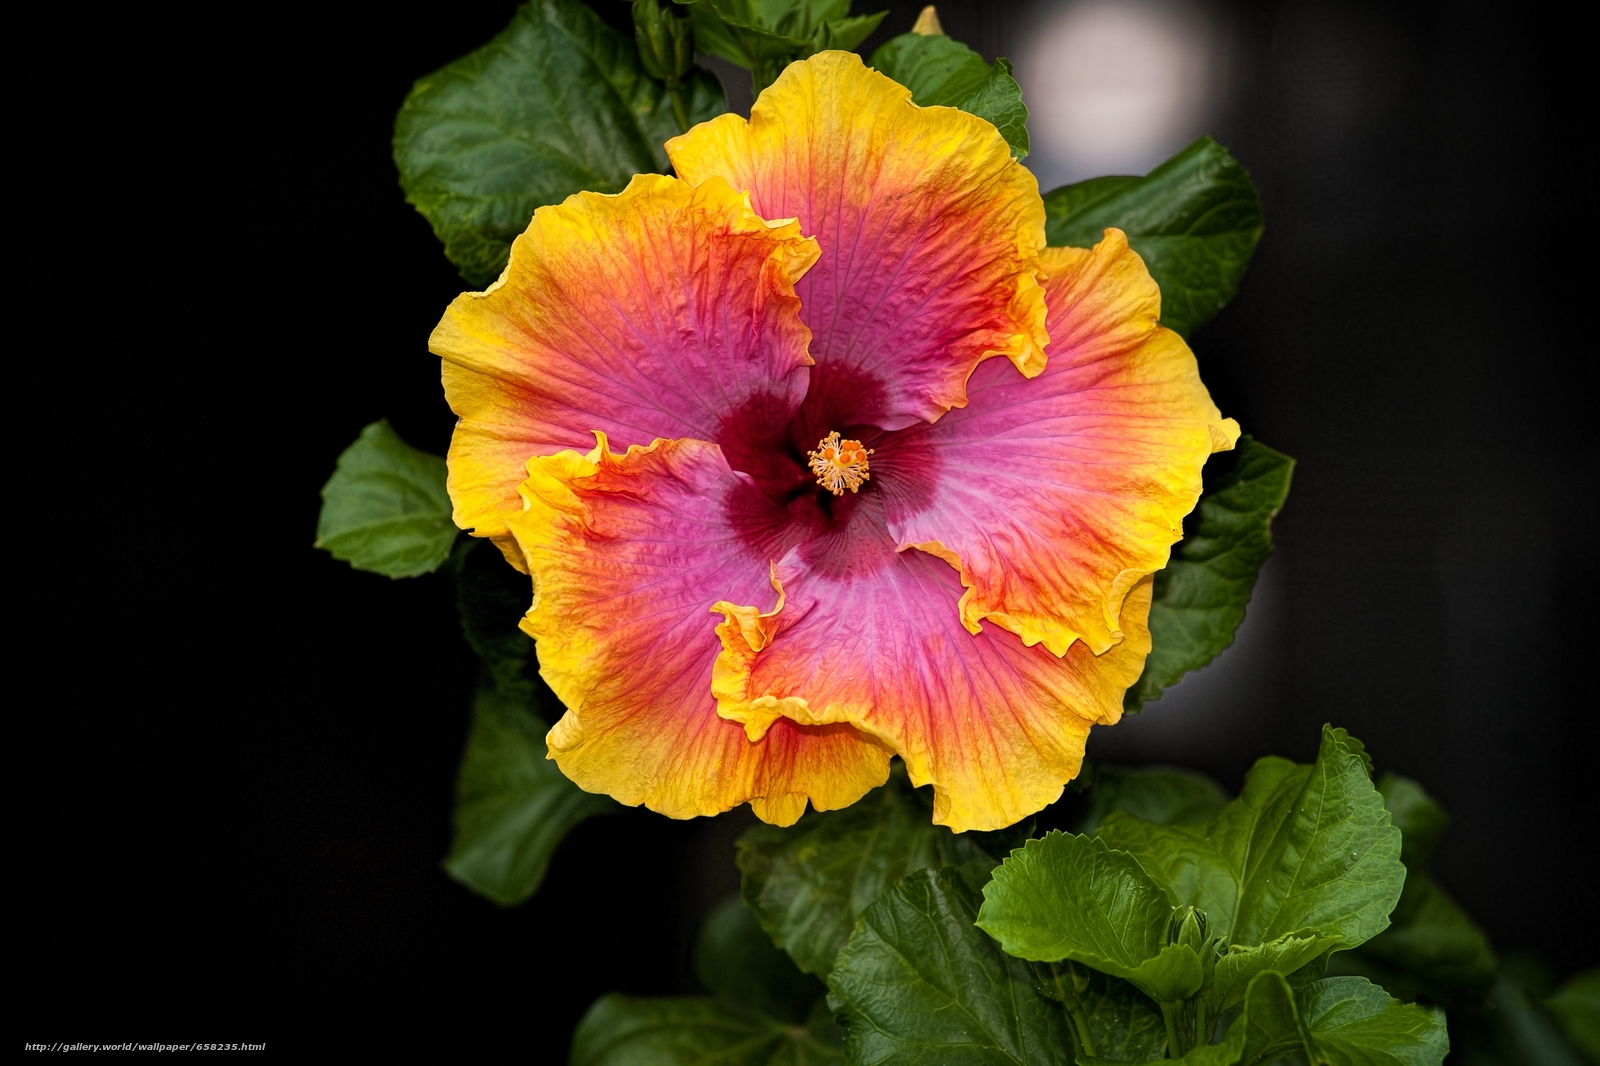 Скачать обои Гибискус,  Hibiscus,  цветы,  цветок бесплатно для рабочего стола в разрешении 2048x1365 — картинка №658235